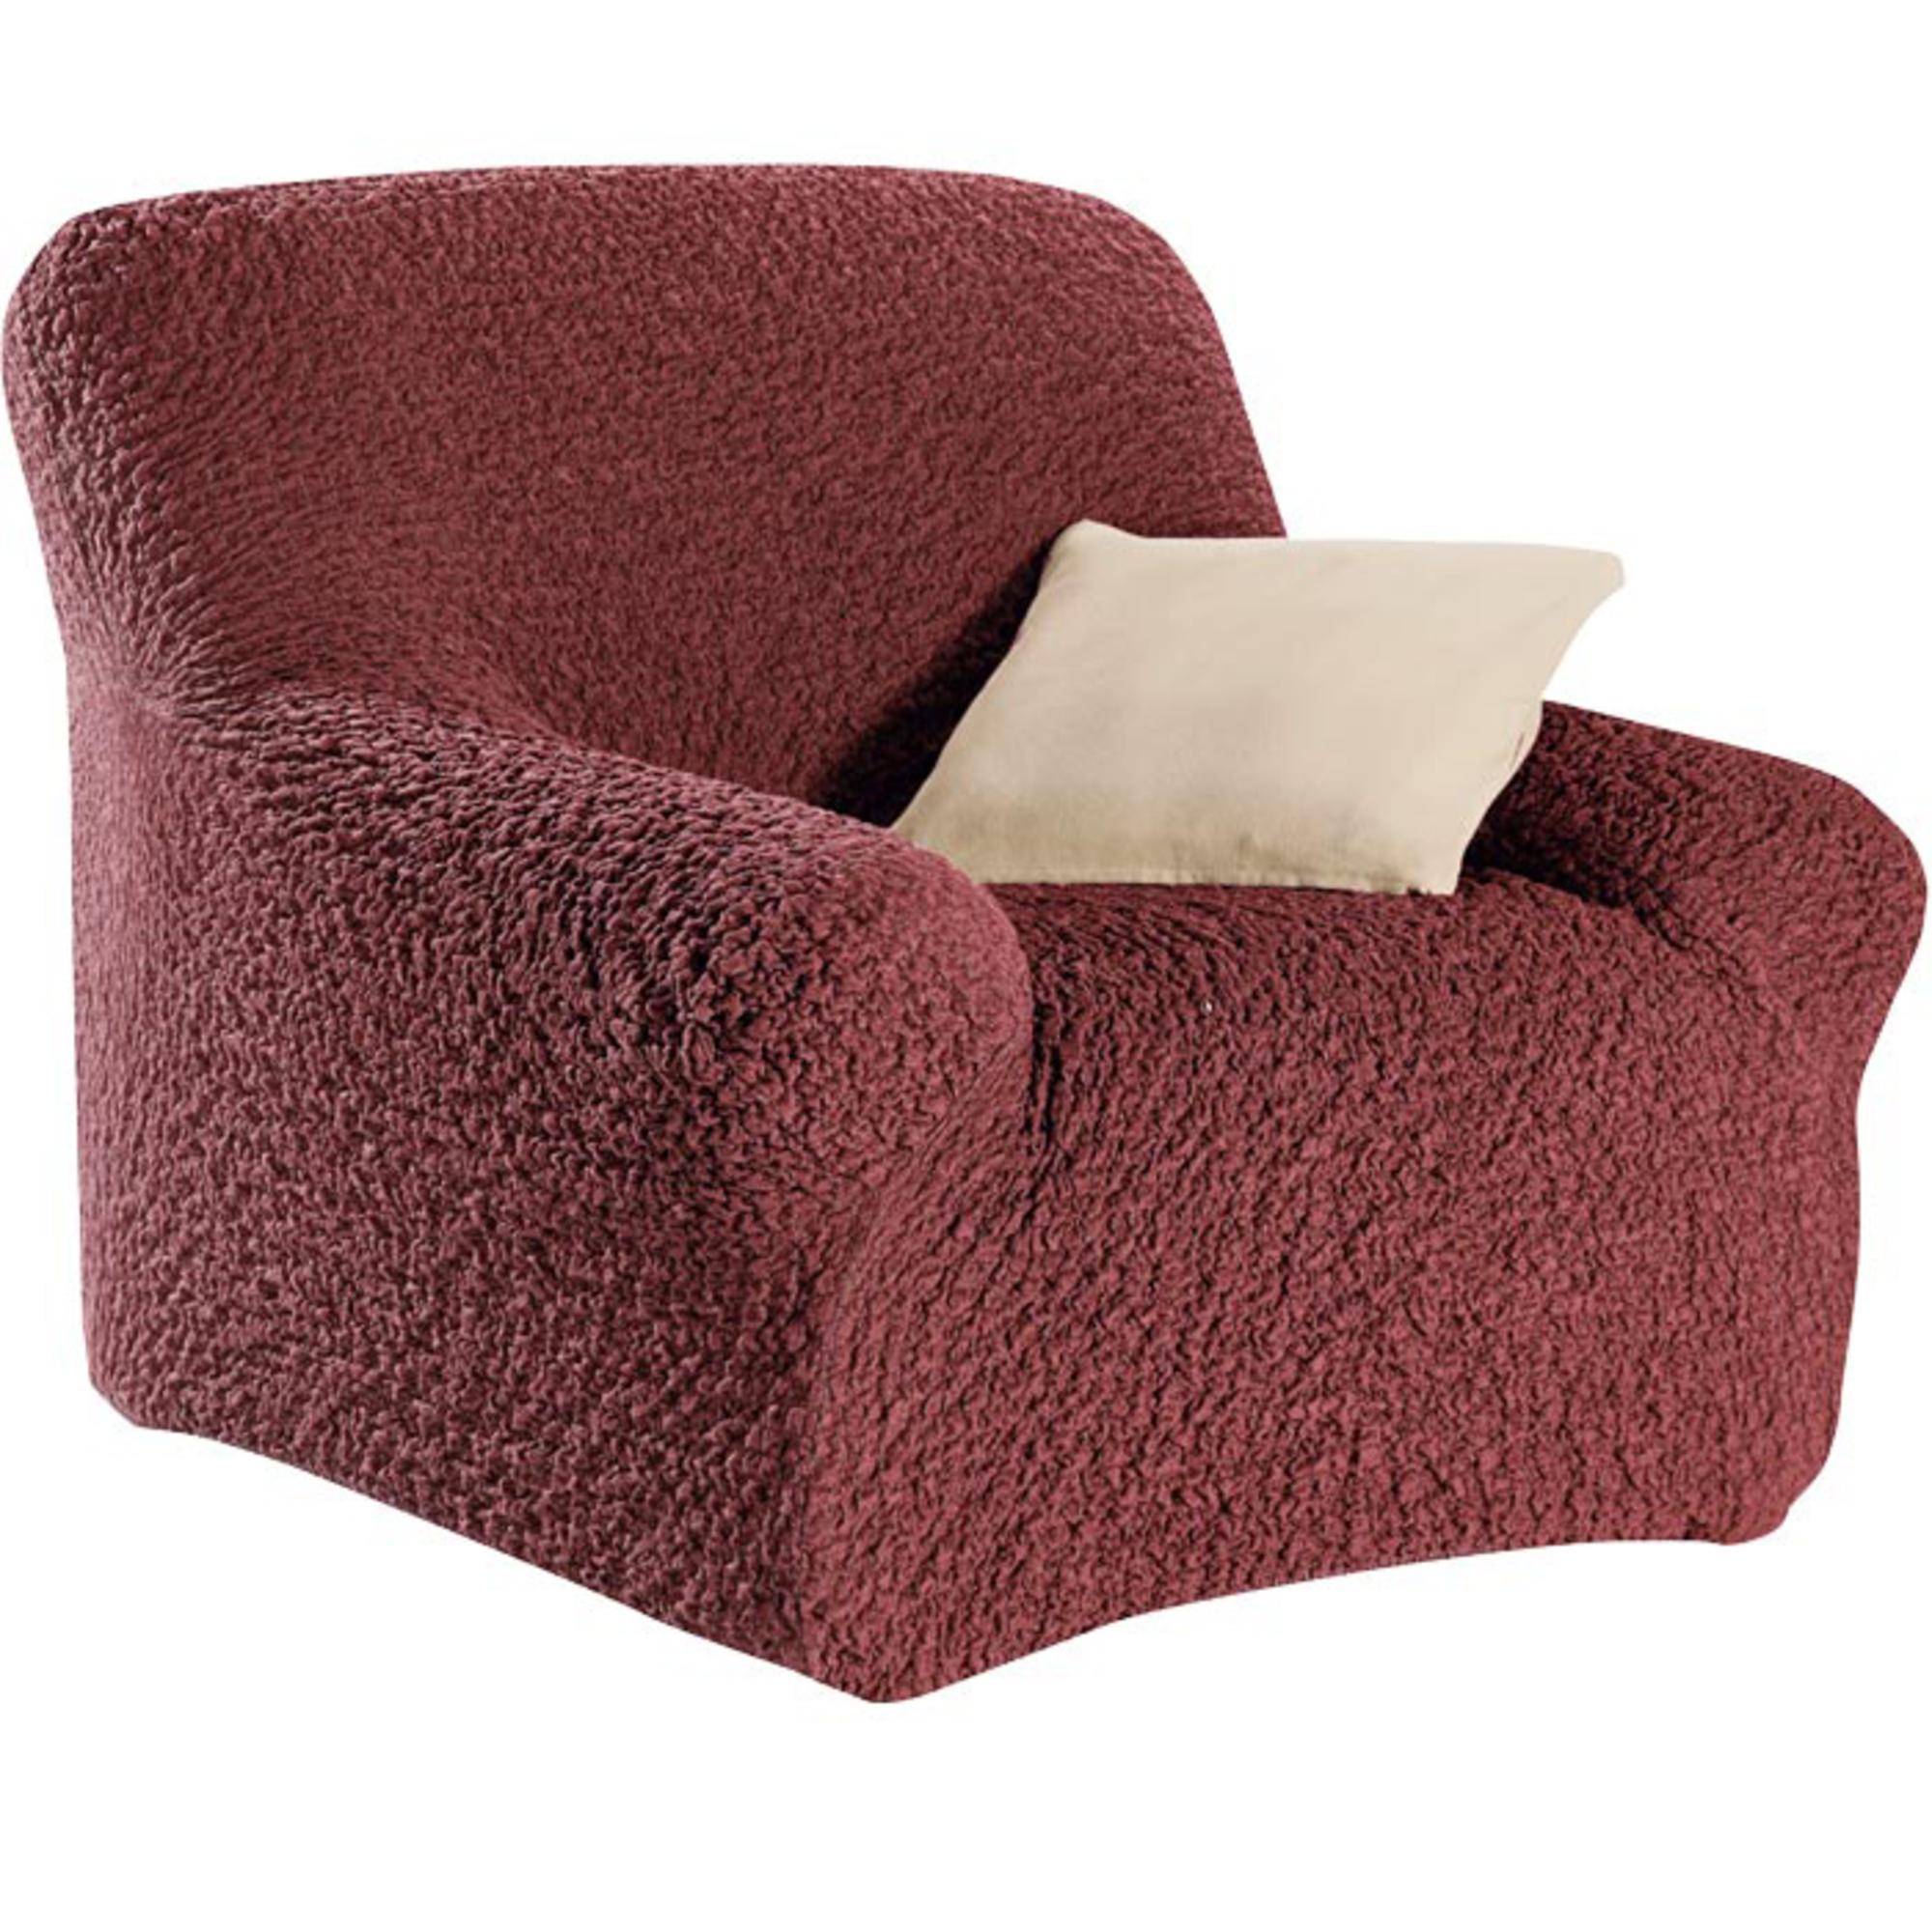 Housse fauteuil gaufr e brio grenat acheter ce produit for Housse fauteuil club